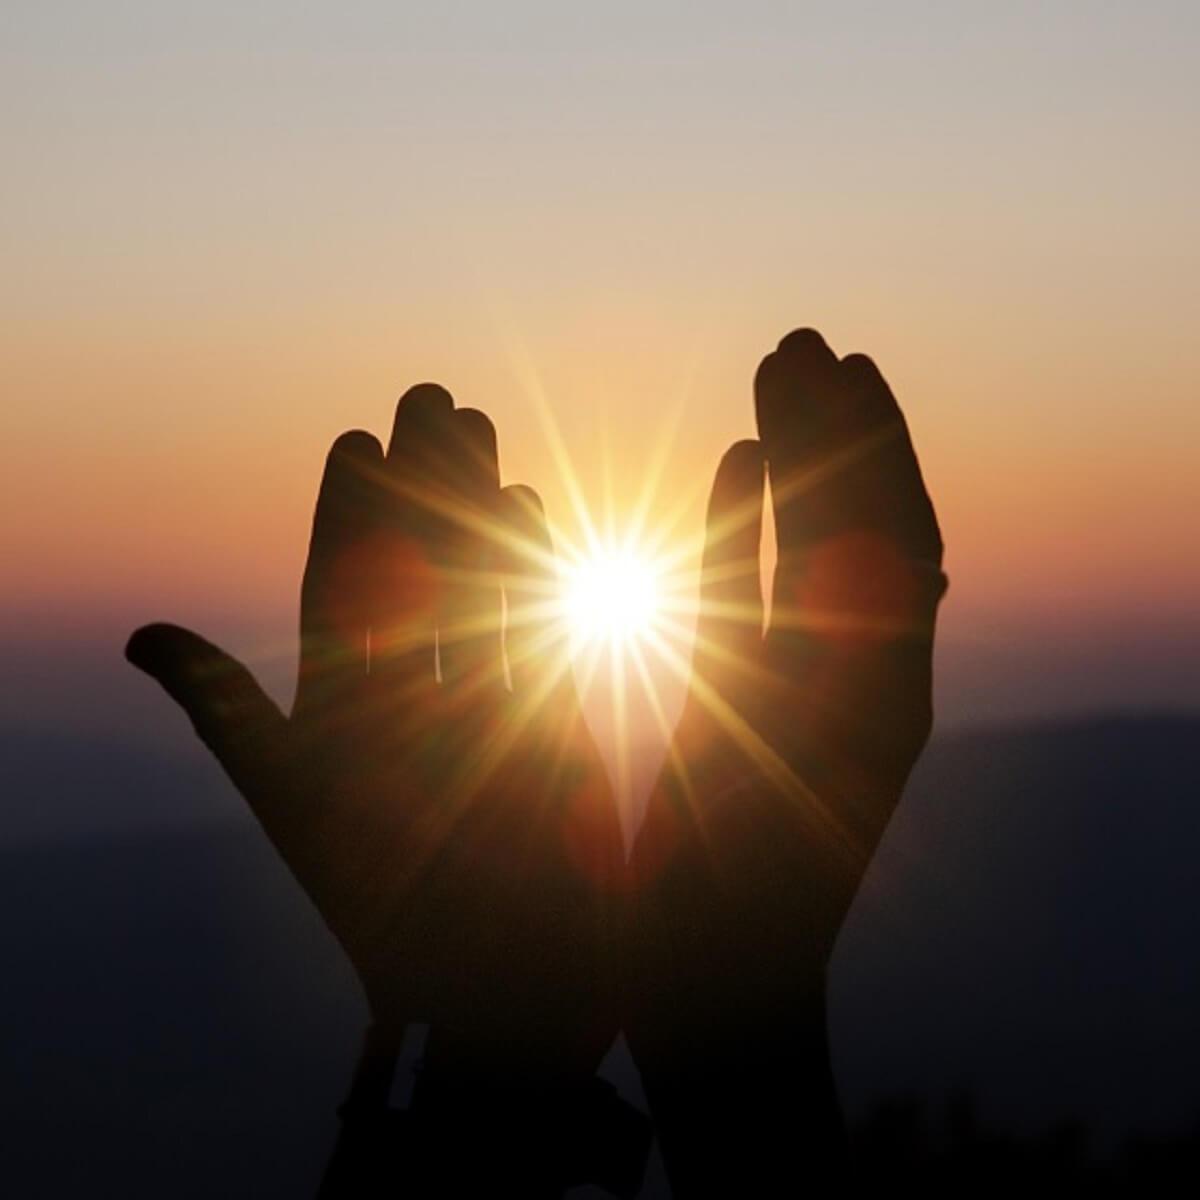 太陽を手で包み込んでいる様子の写真